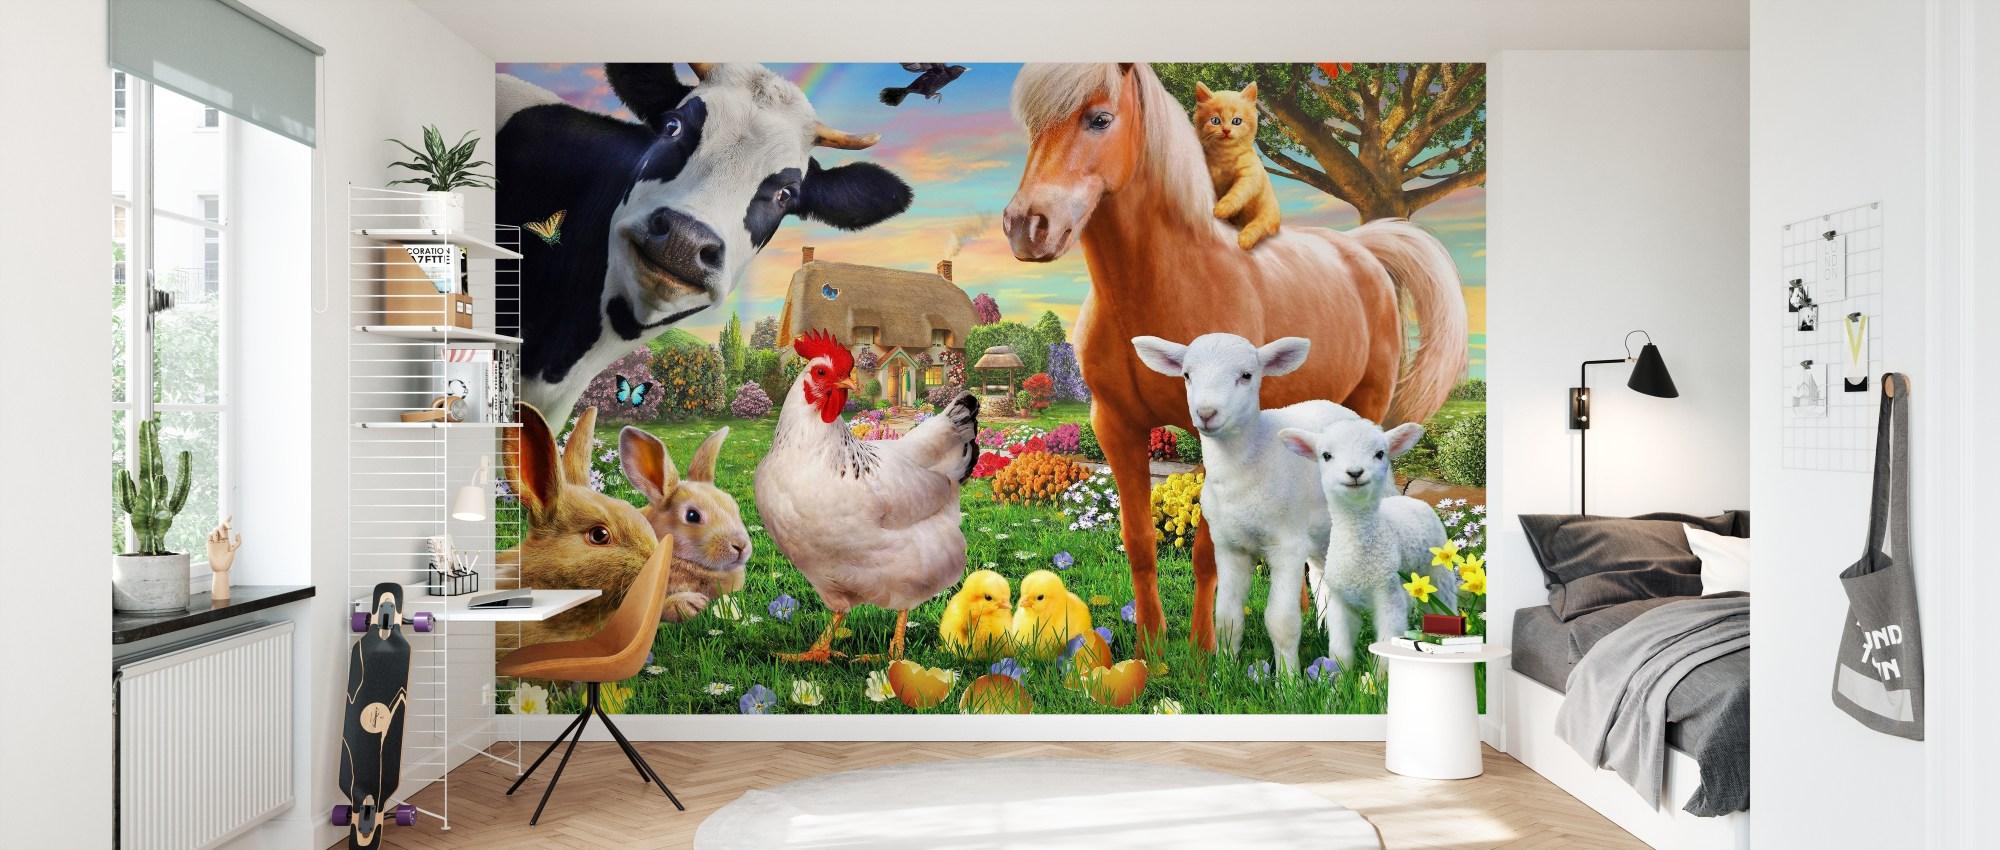 Rendi bella la tua casa con la carta da parati cavalli e altri articoli ispirati alla fauna. Farm Animals For Kids Fotomurale Conveniente Photowall